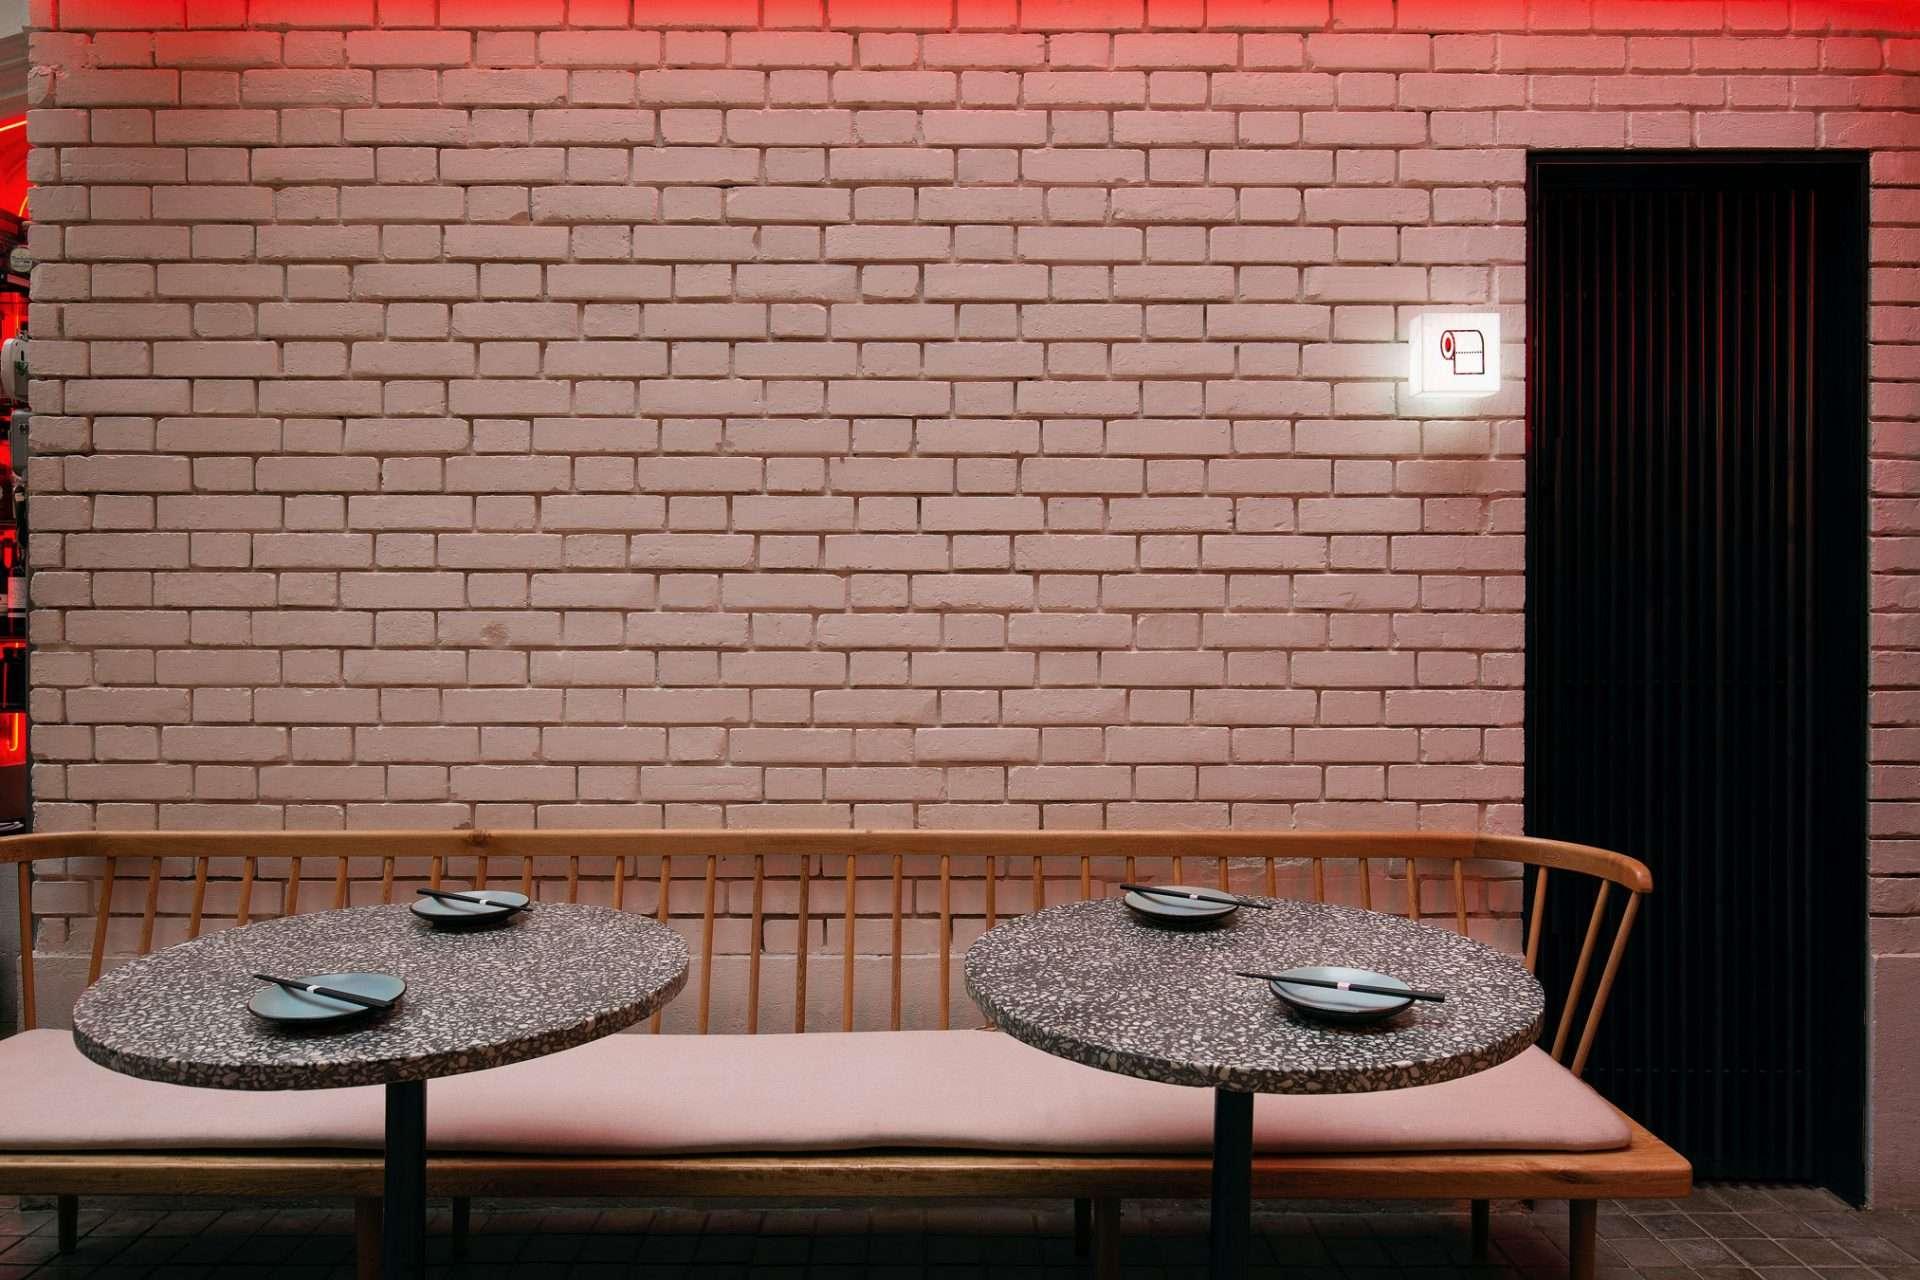 03.elchino.colette.duque.arquitectura.simon.bosch.bogota.dimsum.interior.restaurant